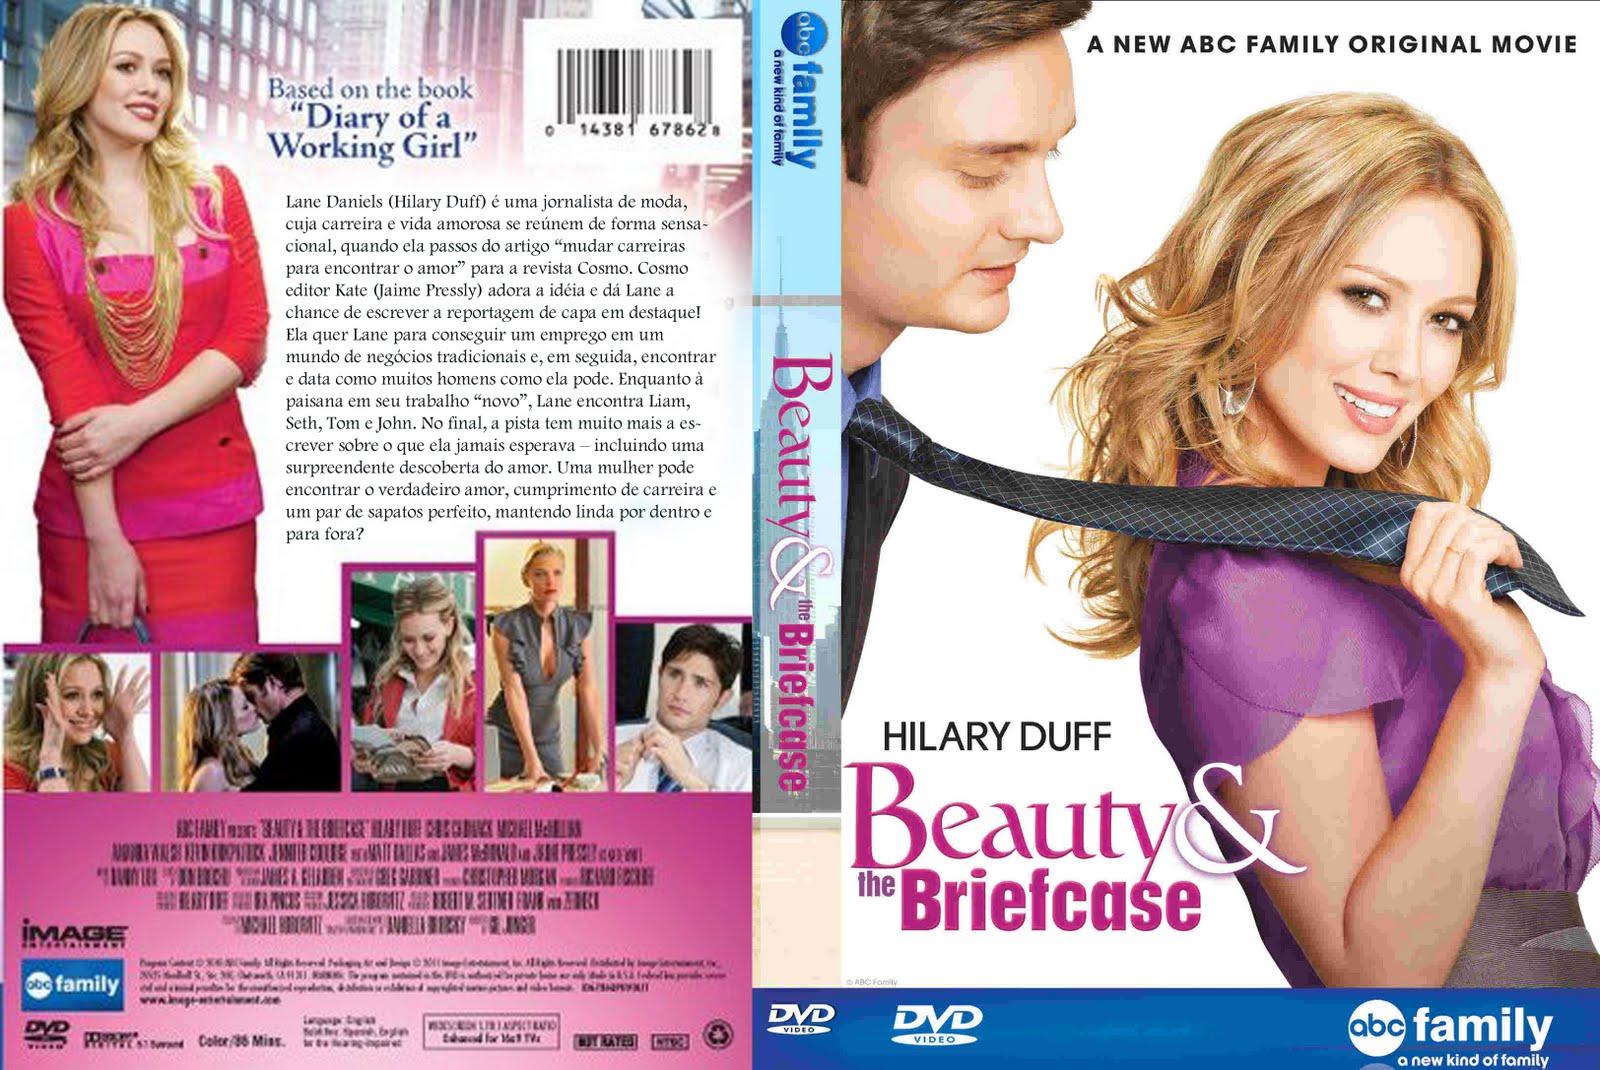 http://1.bp.blogspot.com/-JLeL7-pUFOI/TcLY--b1UkI/AAAAAAAAARM/zbnn2IGepS8/s1600/Beauty%2B%2526%2Bthe%2BBriefcase.jpg